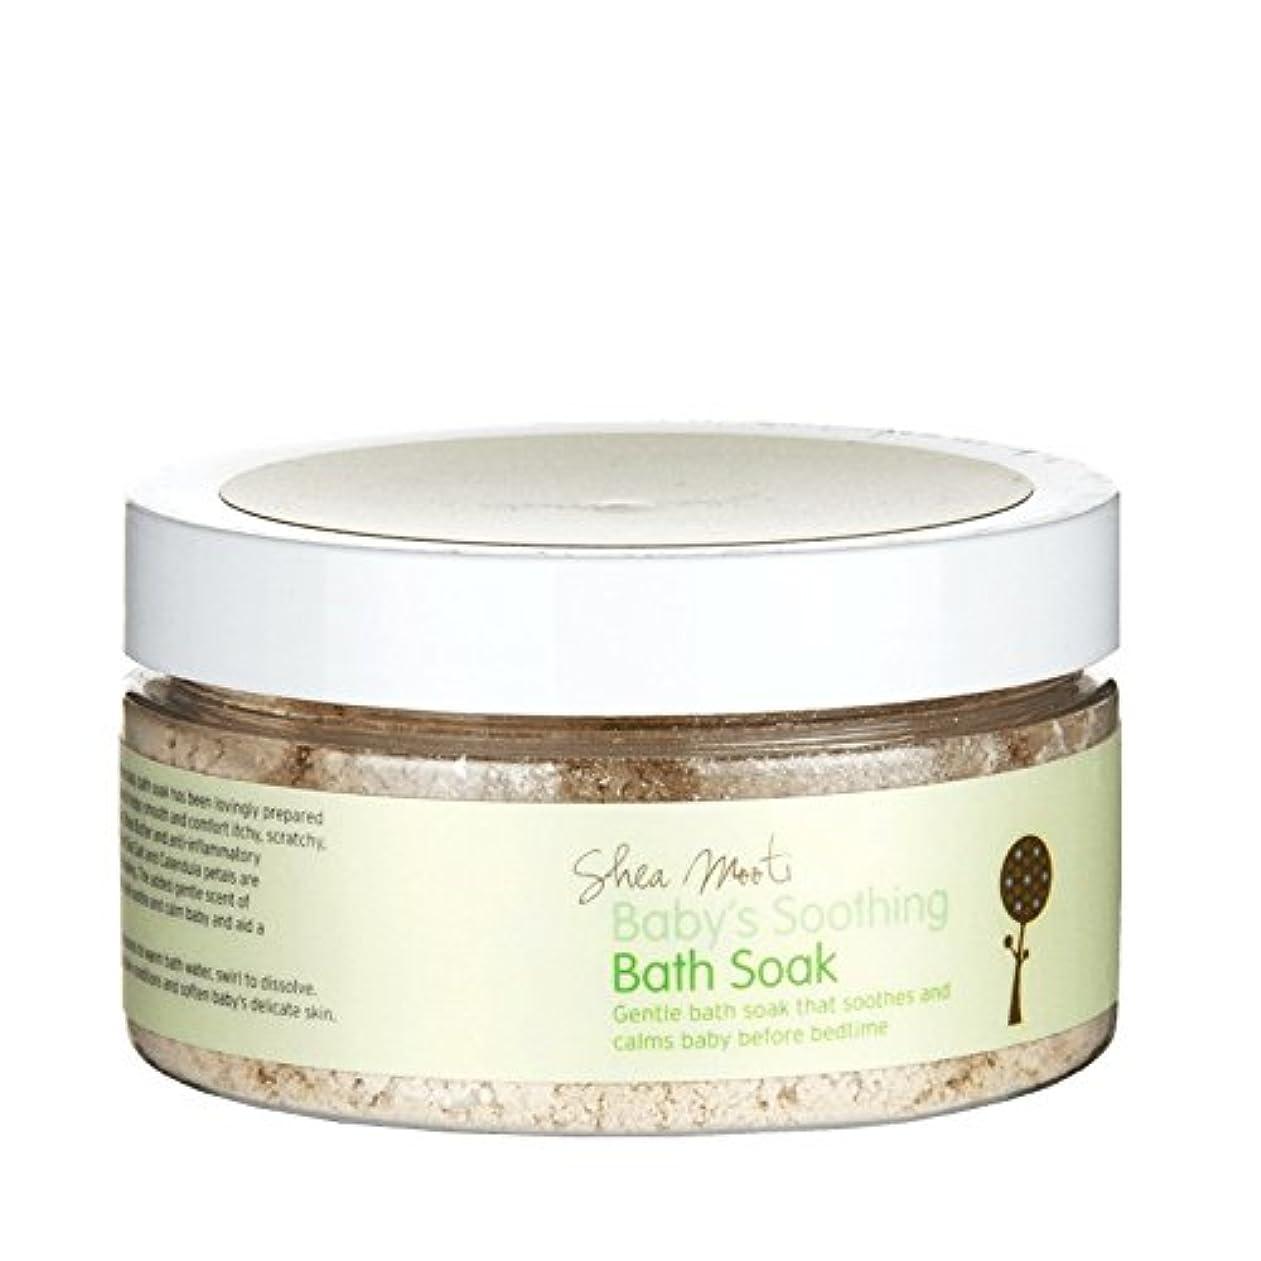 民主党パーティション差別的Shea Mooti Baby's Soothing Bath Soak 130g (Pack of 2) - シアバターMooti赤ちゃんの癒しのお風呂は、130グラムを浸し (x2) [並行輸入品]